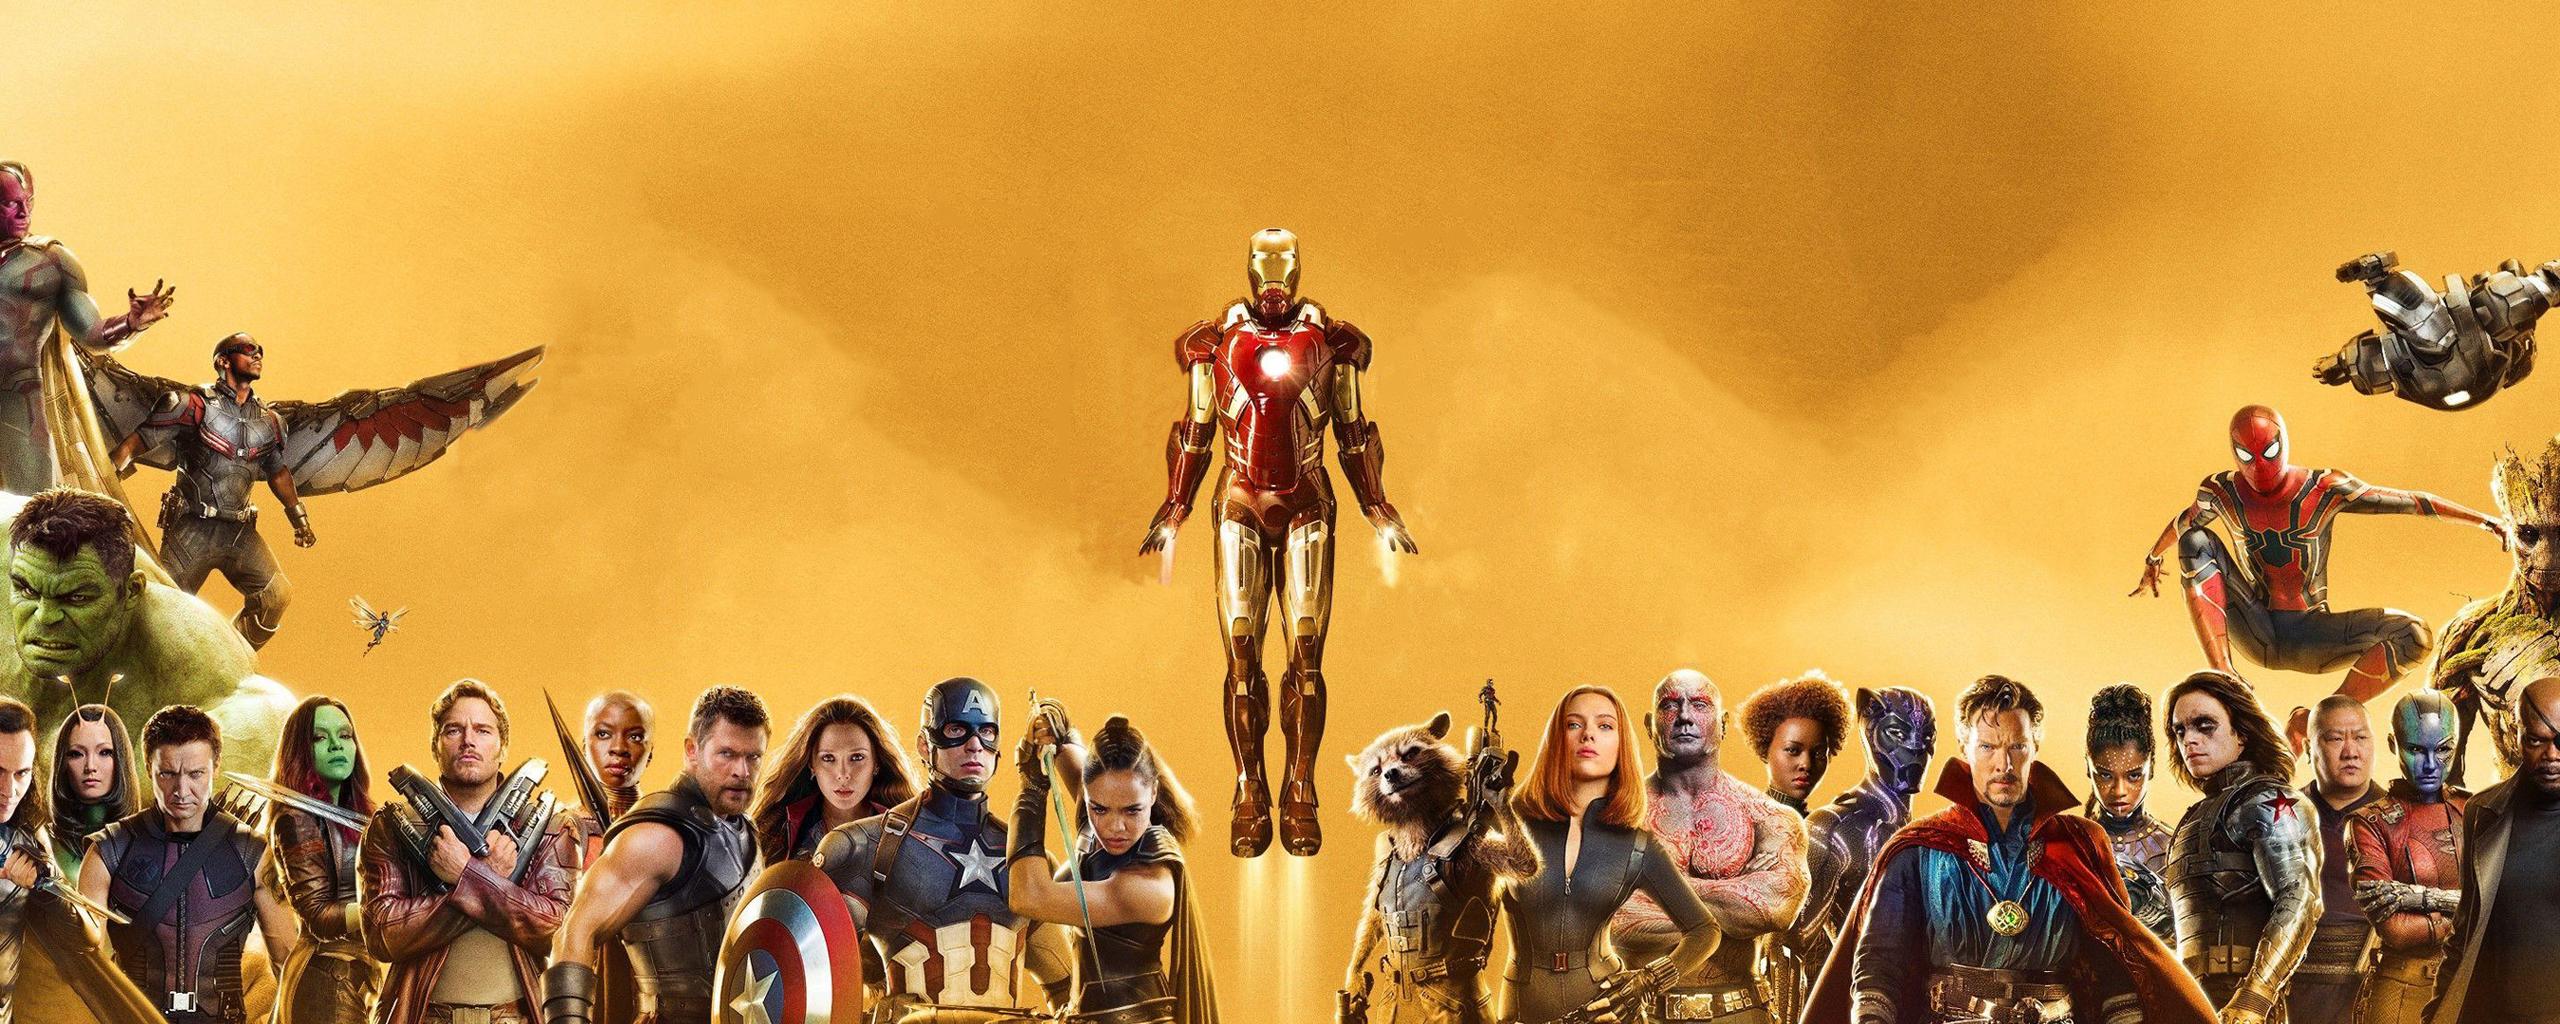 10-летие кинематографической Вселенной marvel обои скачать